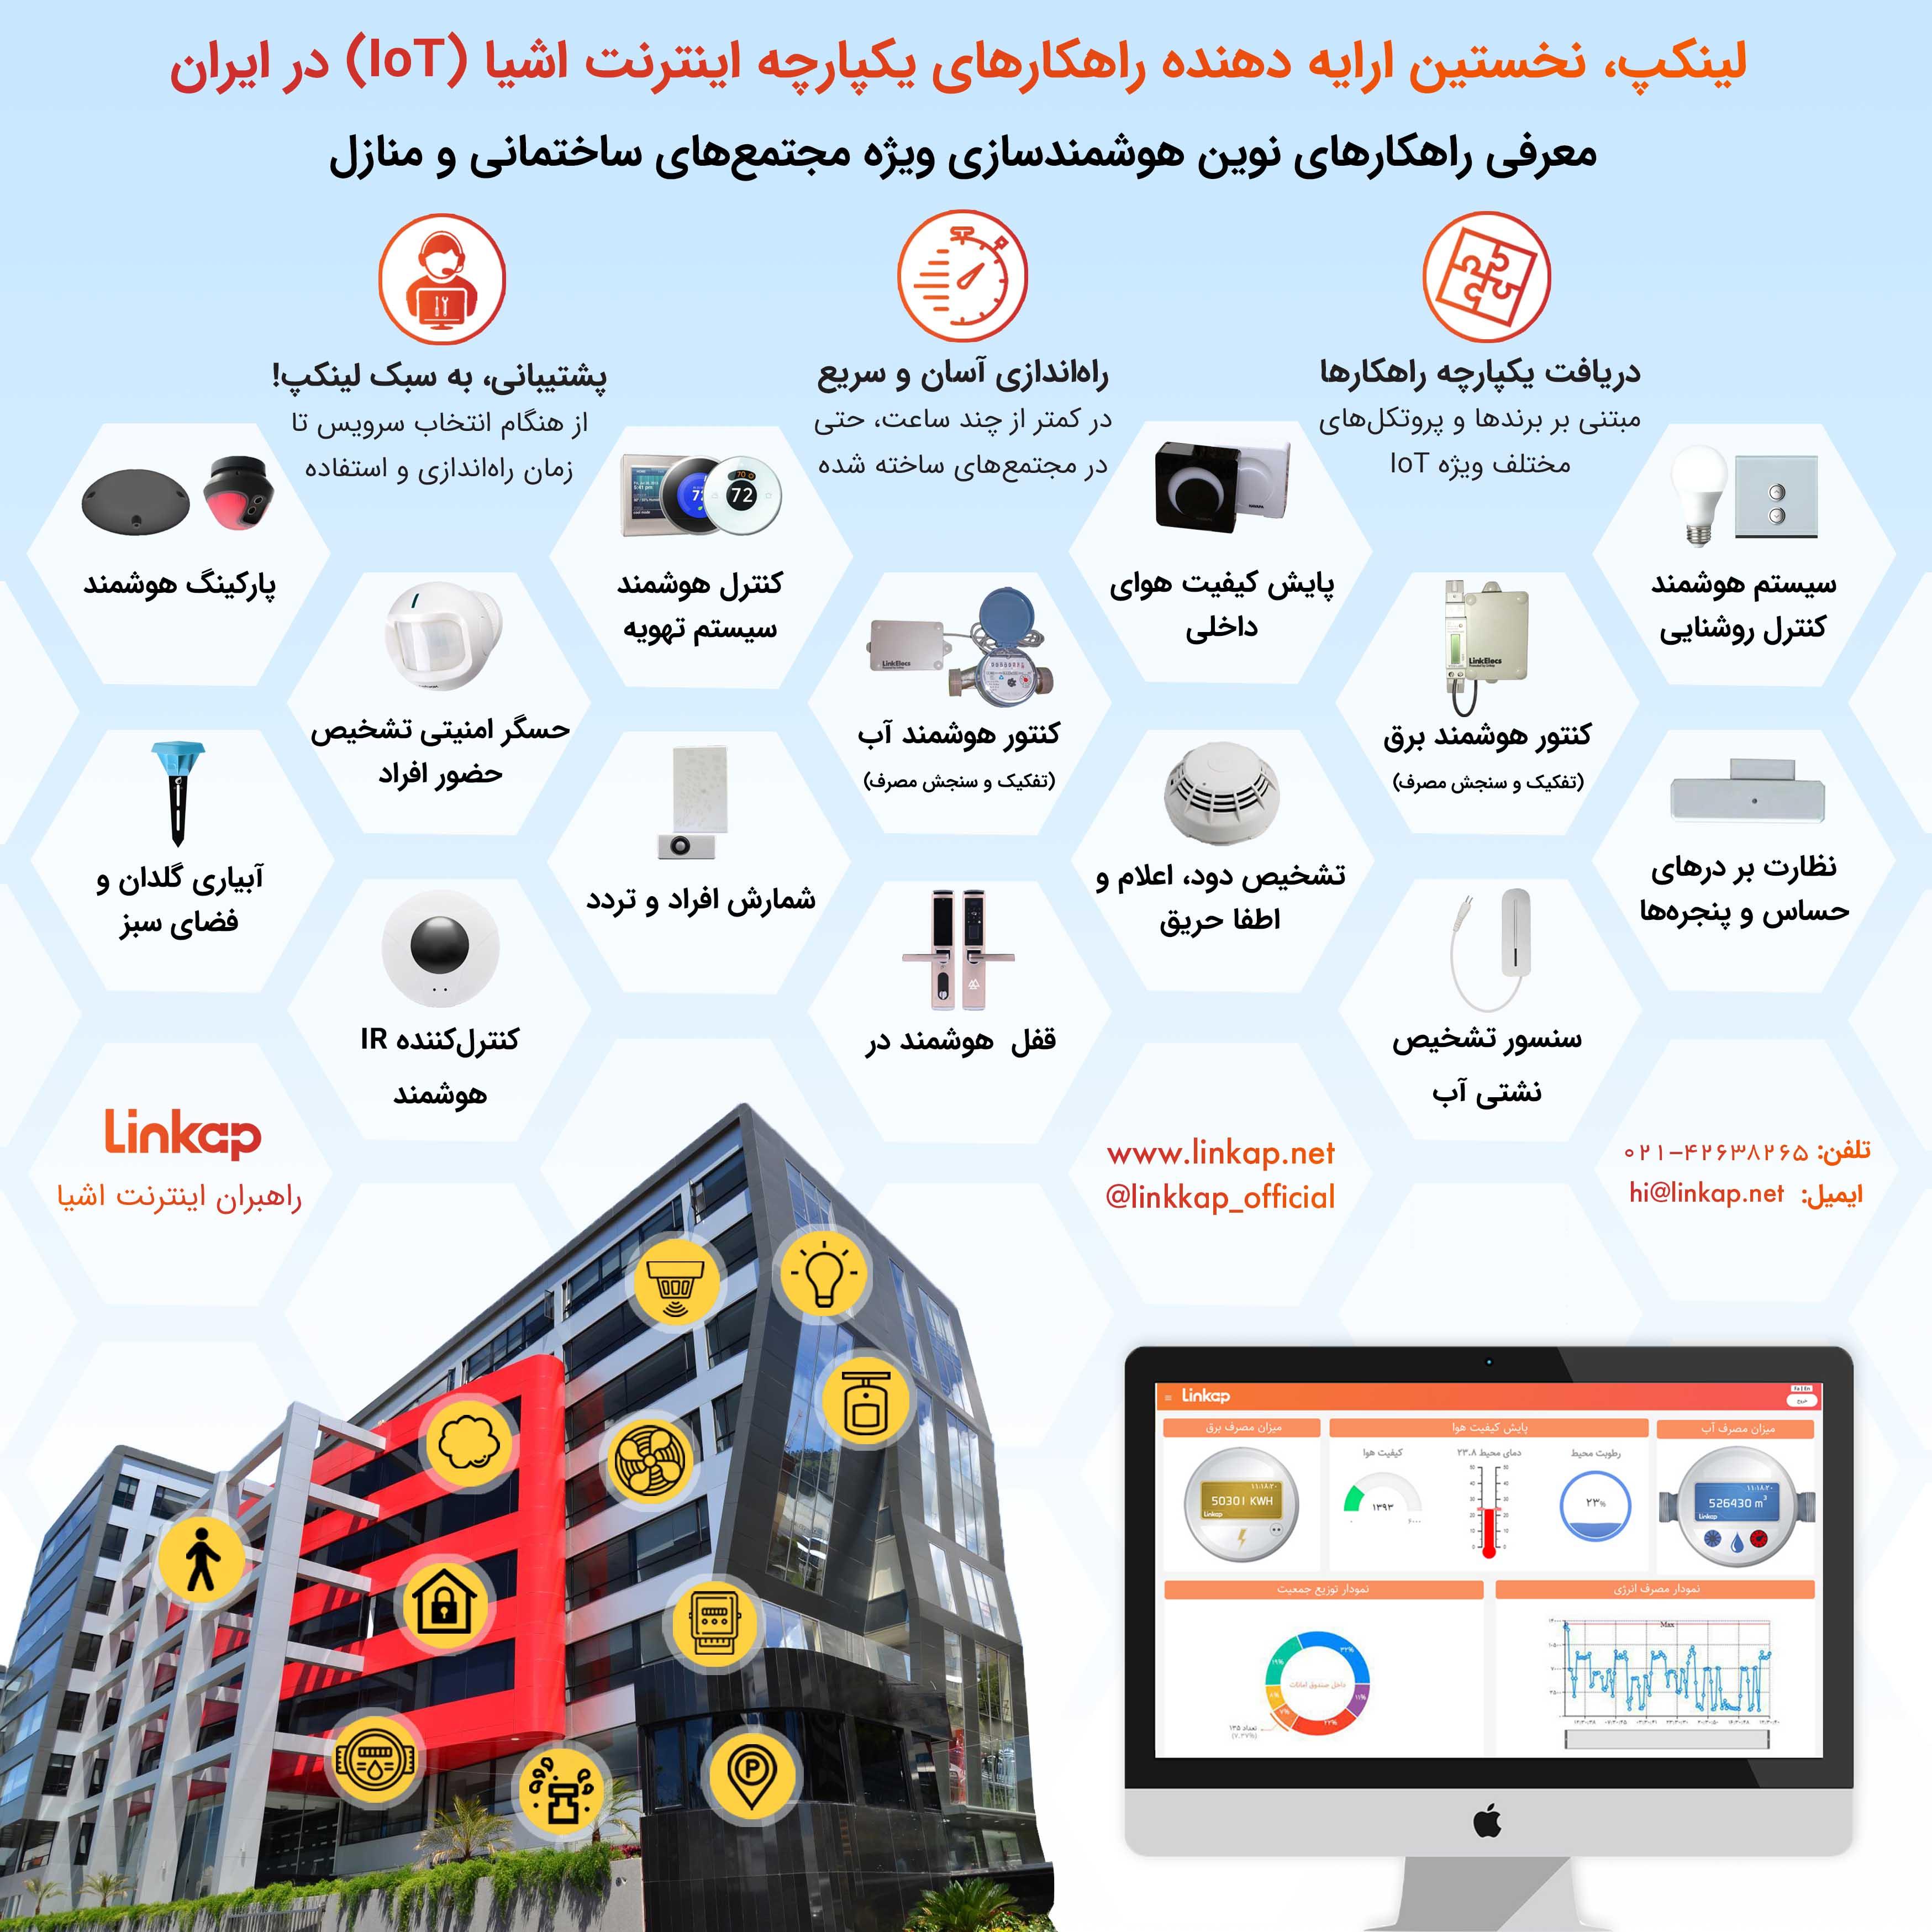 راهکارهای ساختمان هوشمند